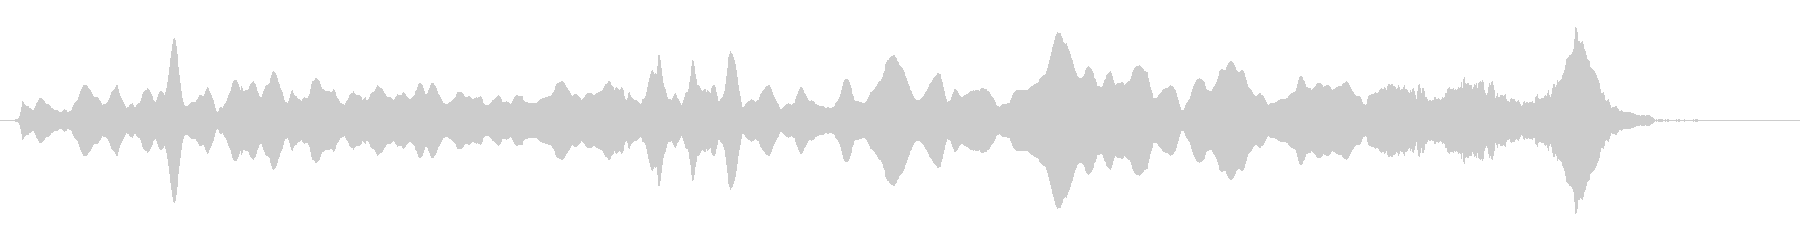 サイエンスフィクションリボルビング...の未再生の波形